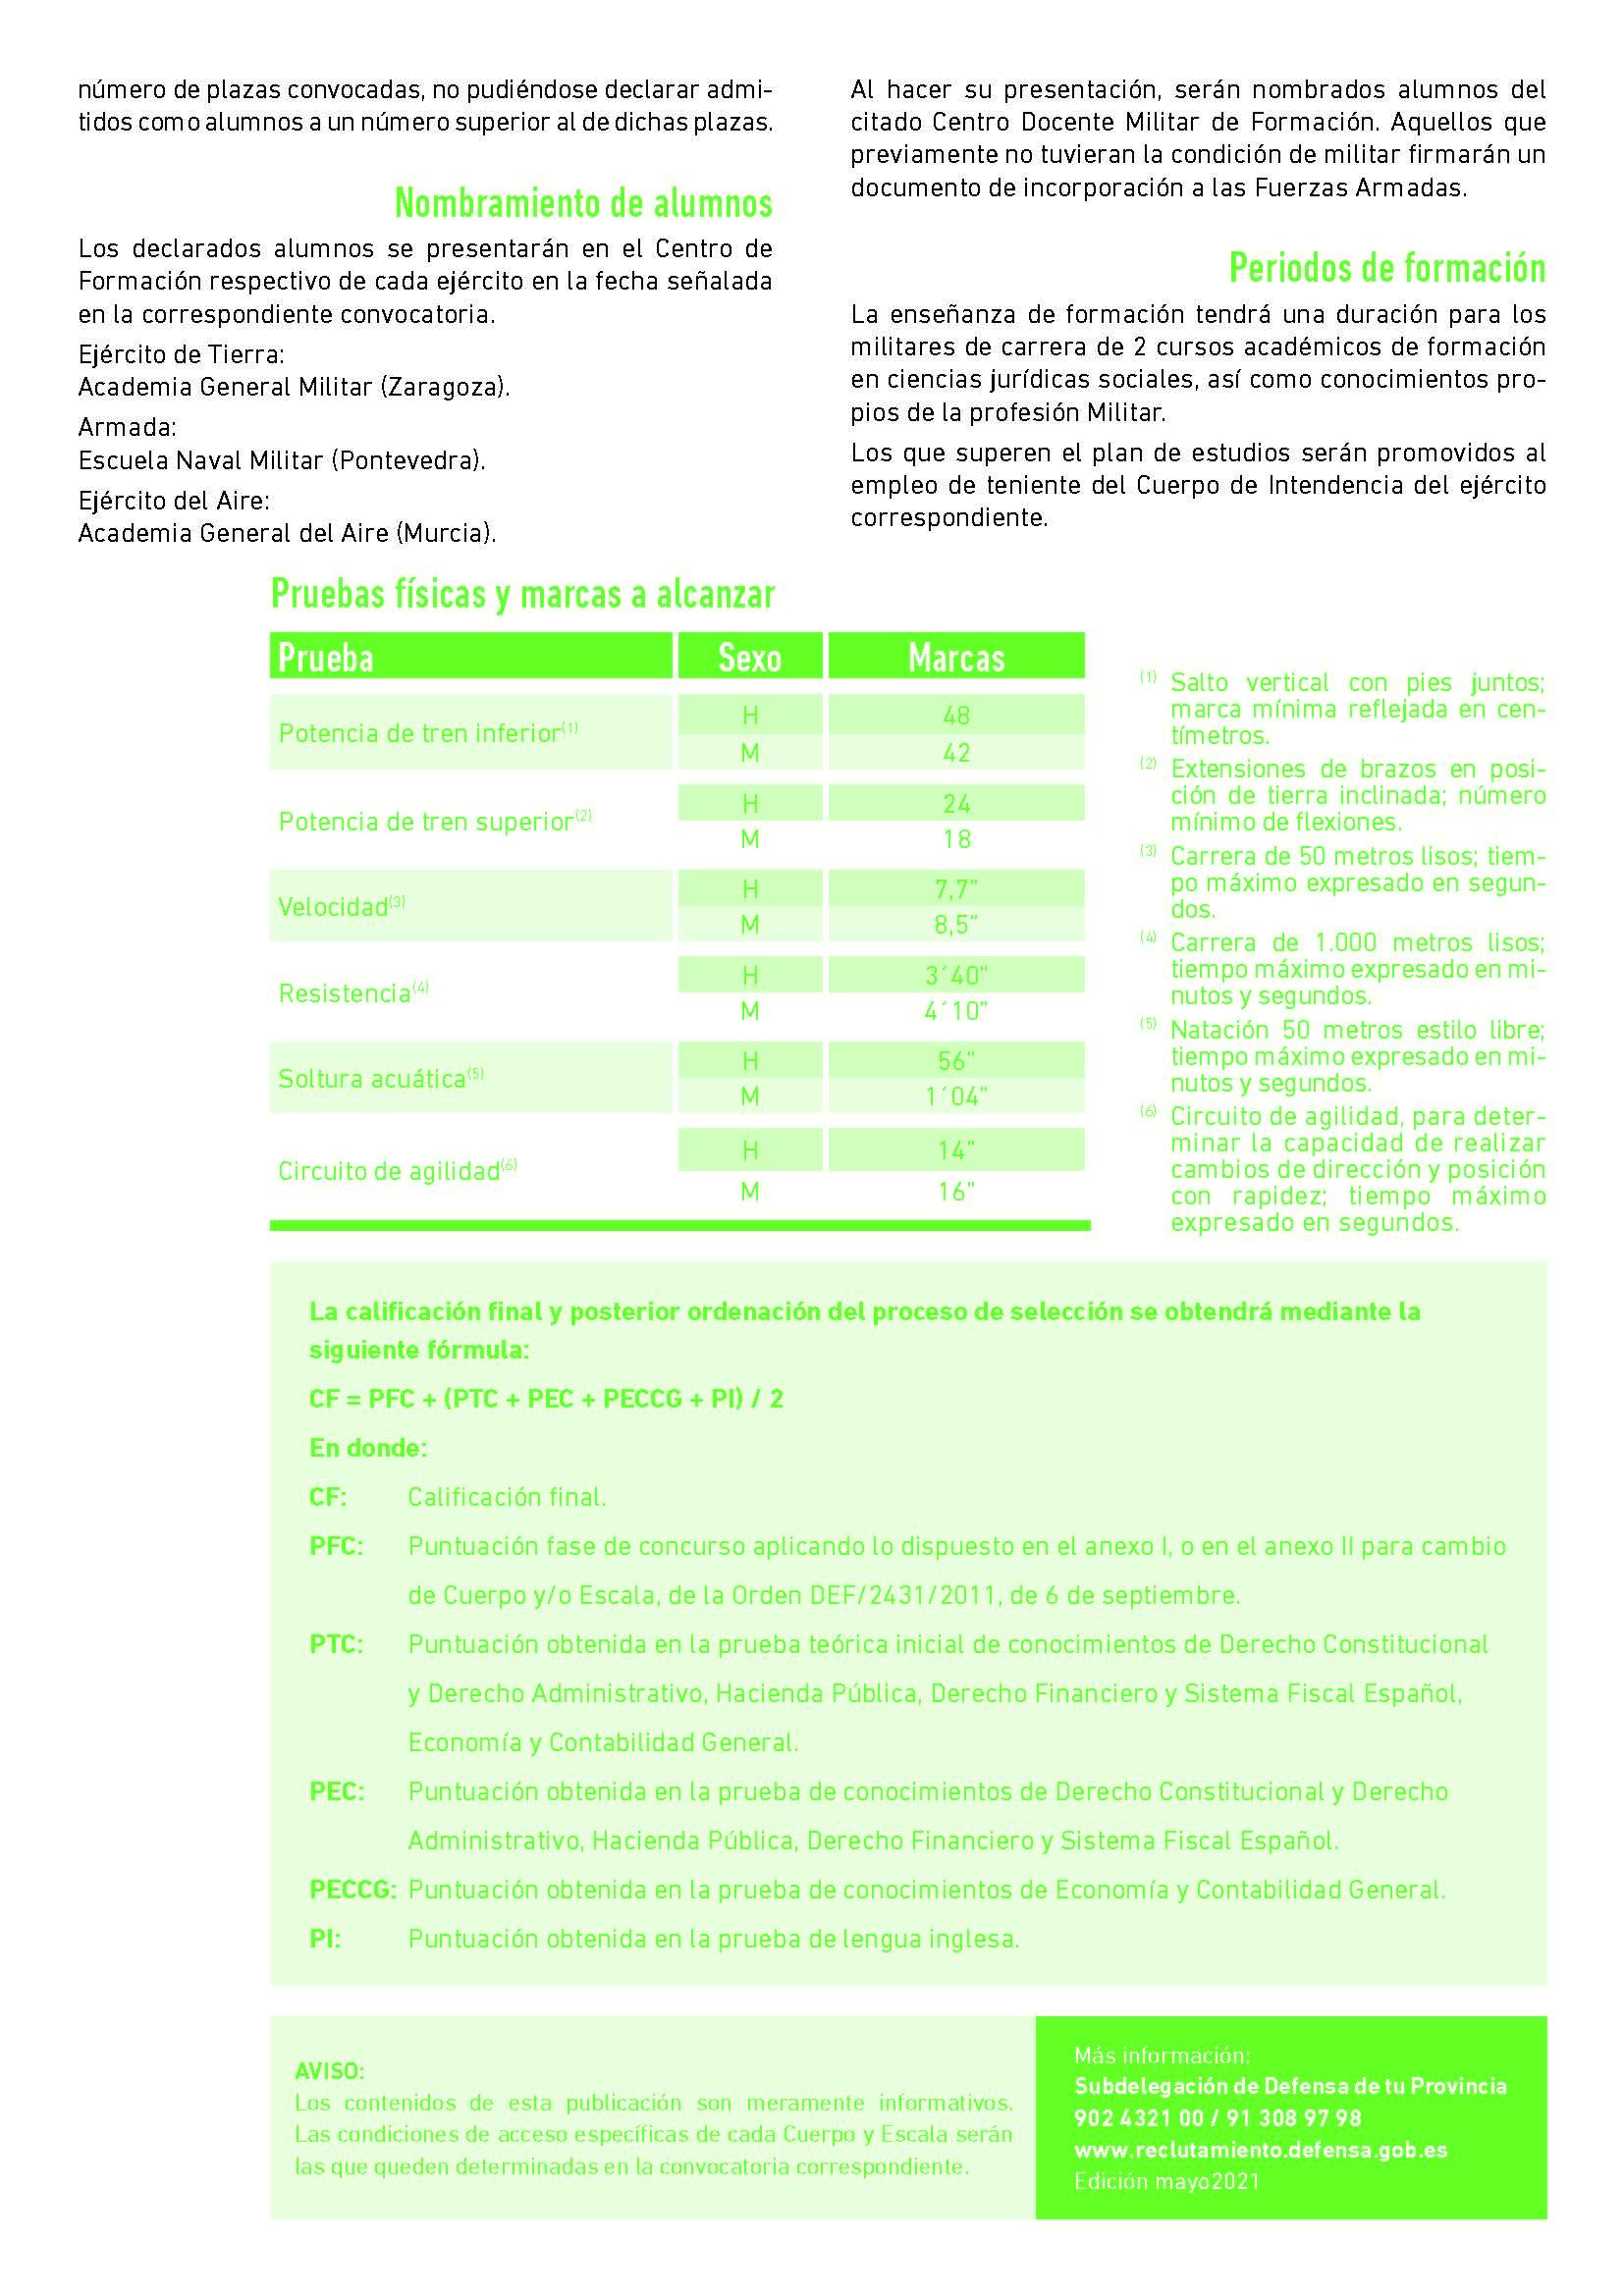 INTENDENCIA_maio21_Página_4